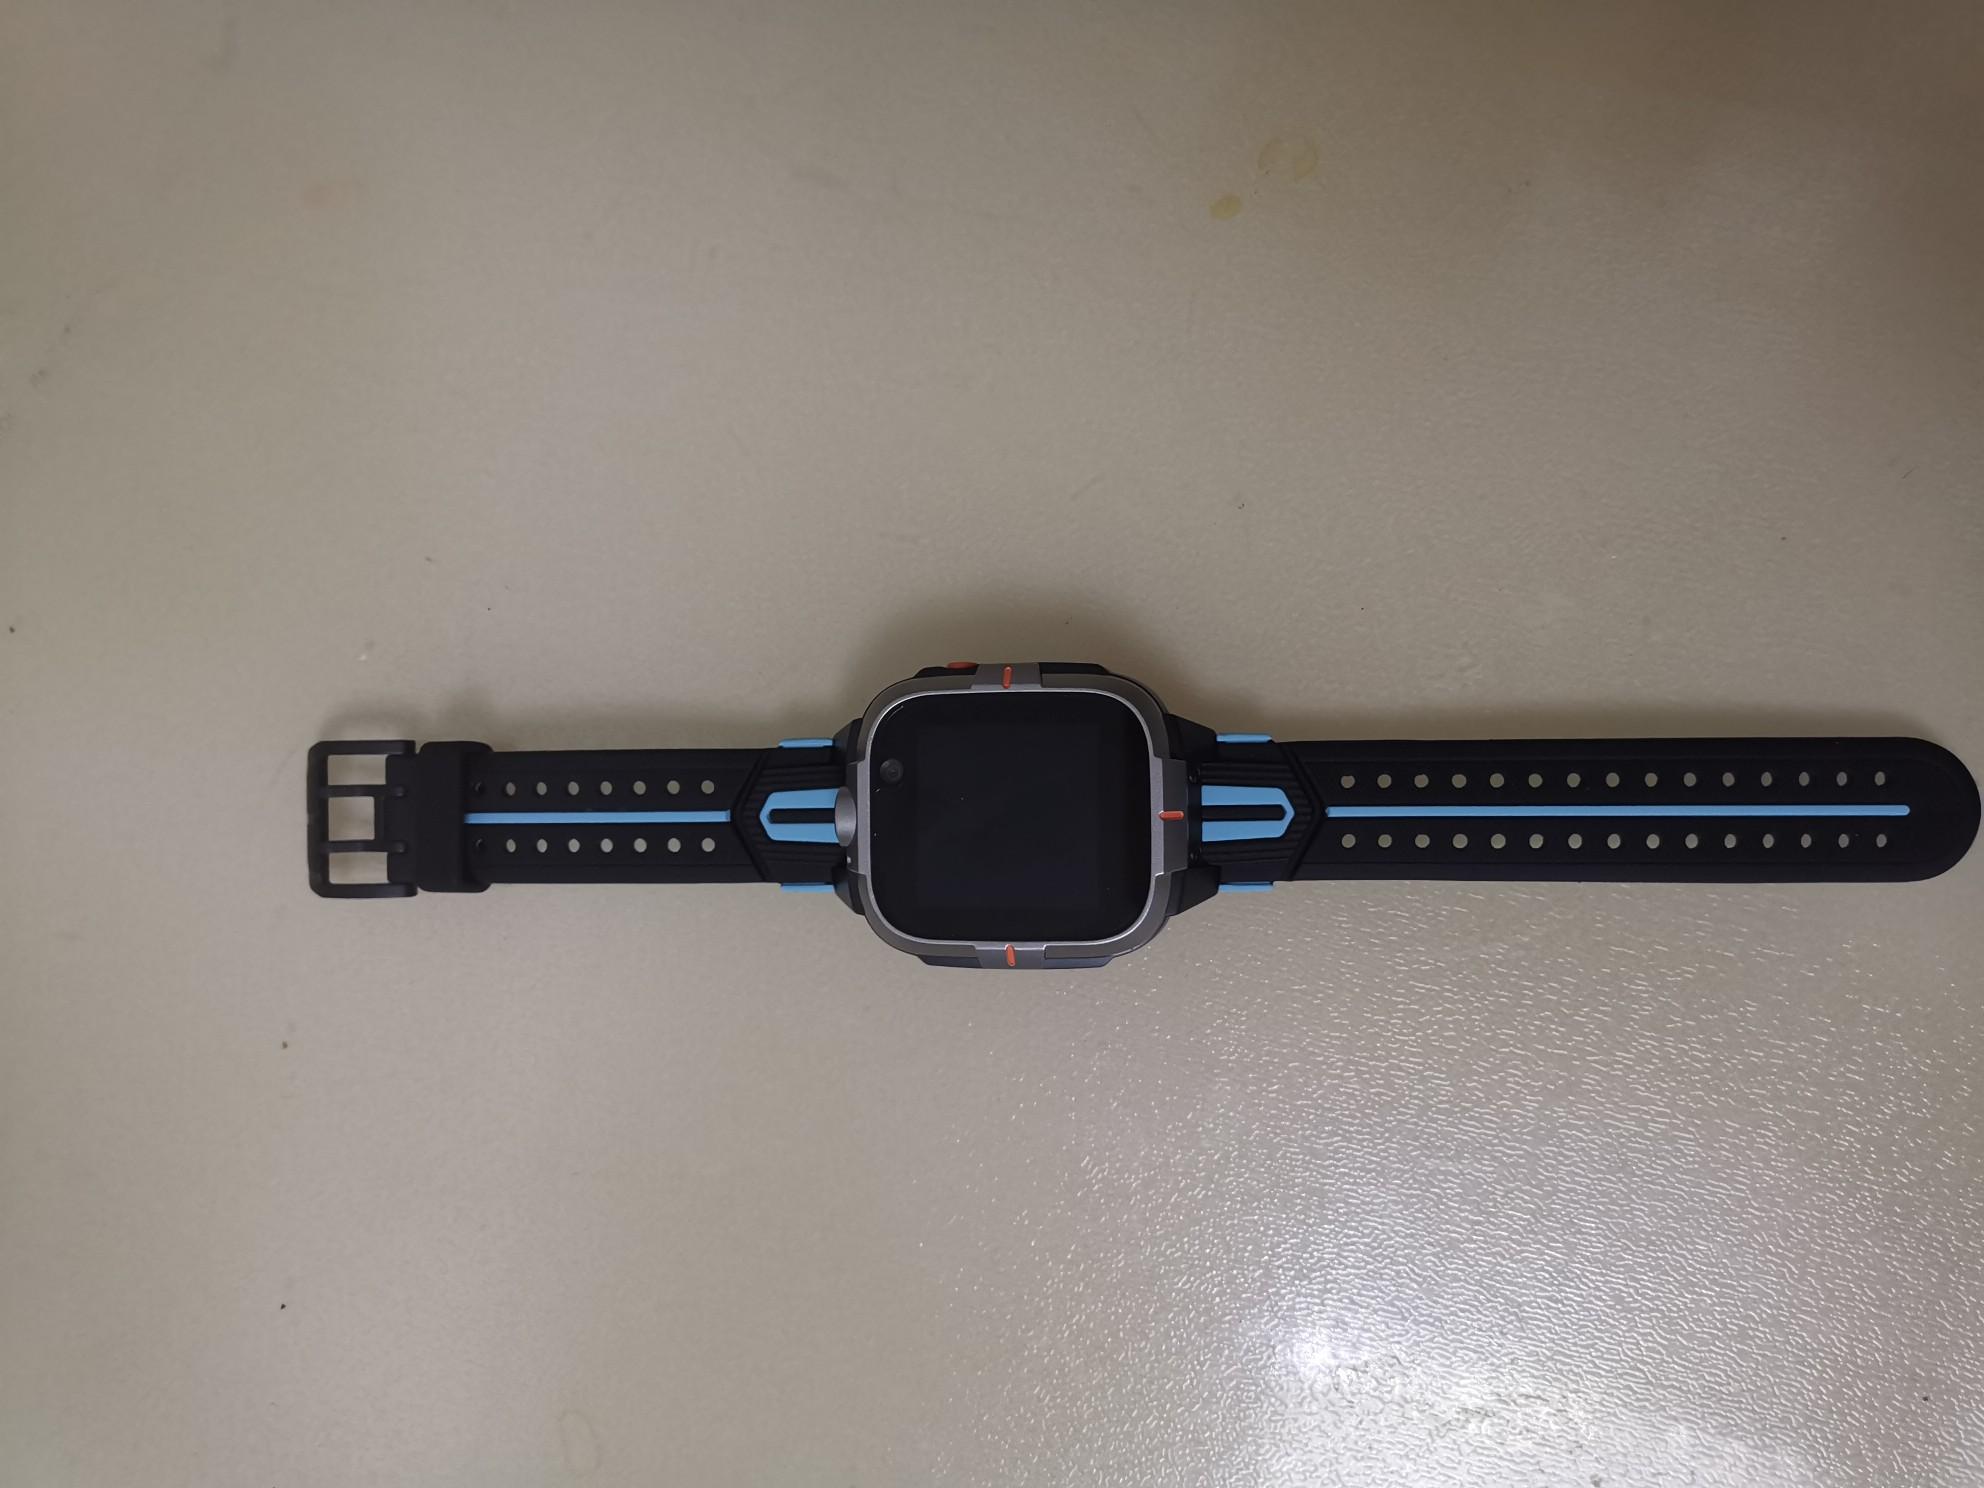 小寻小寻儿童电话手表Y2怎么样?小寻y2和米兔4哪个好?到底好不好?质量如何?